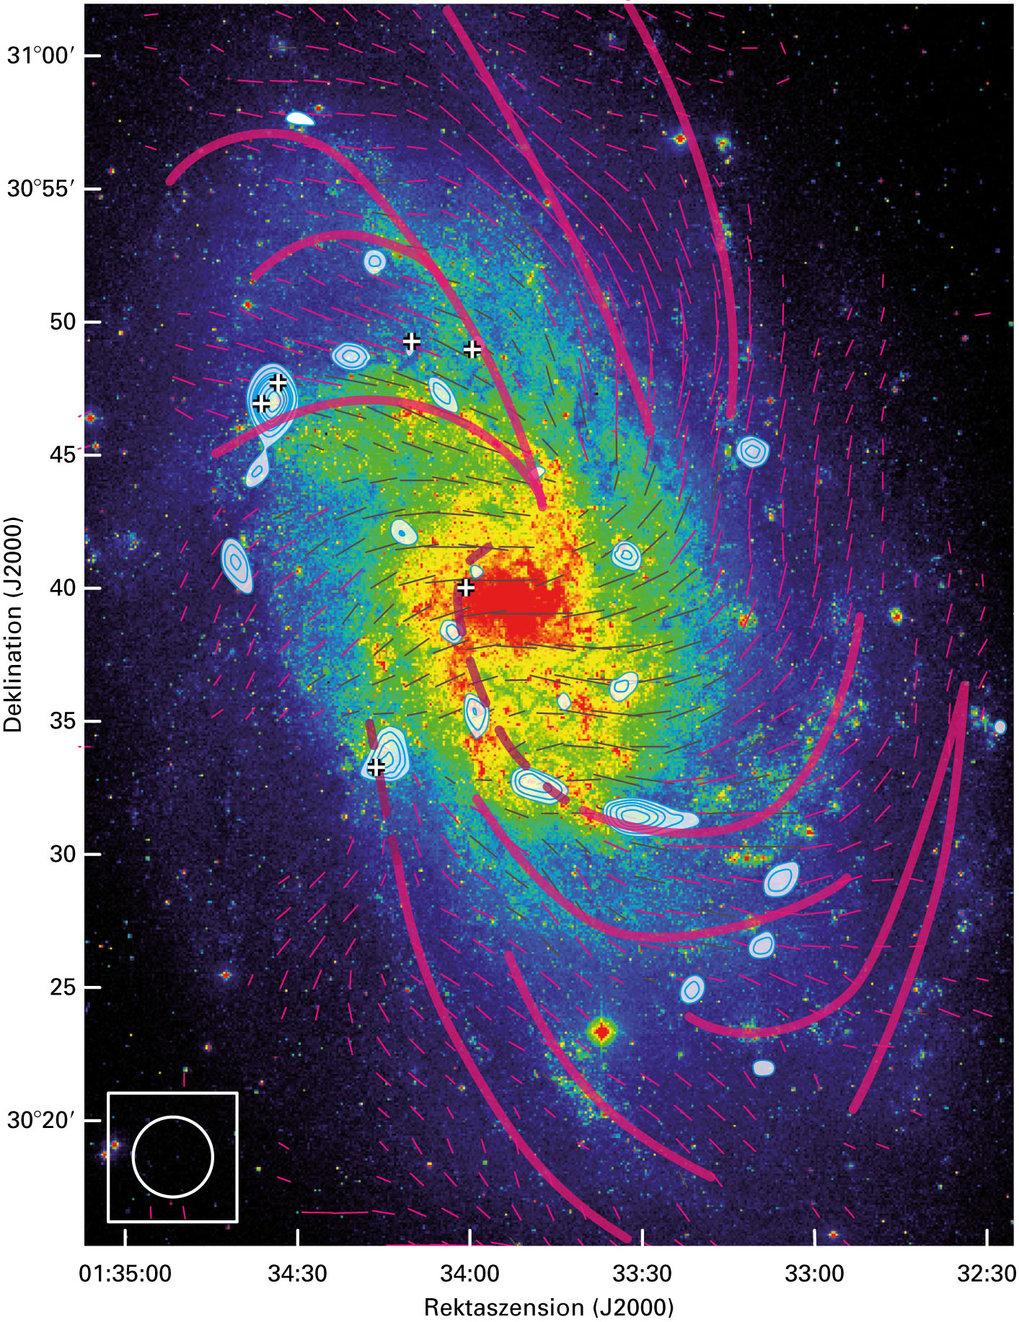 """Abb. 3: Die Positionen der sechs massereichsten GMCs (giant molecular clouds) sind mit einem """"+"""" markiert. Den Hintergrund bildet ein optisches Bild v"""